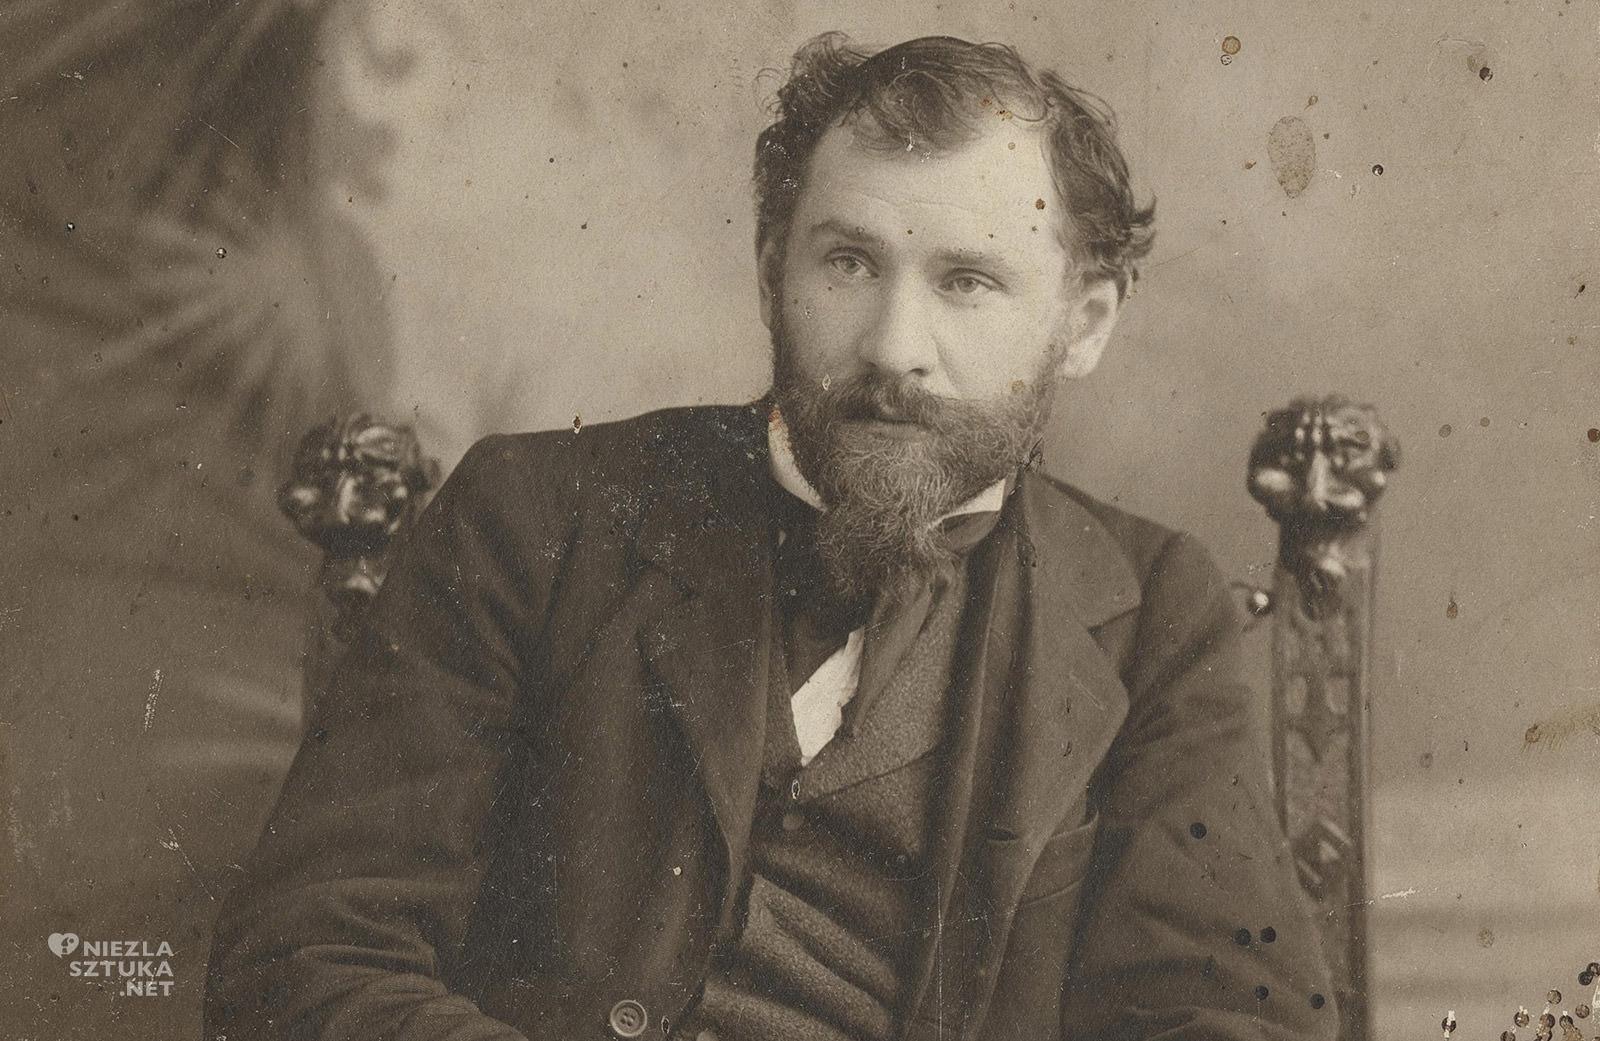 Stanisław Przybyszewski, fotografia, niezła sztuka